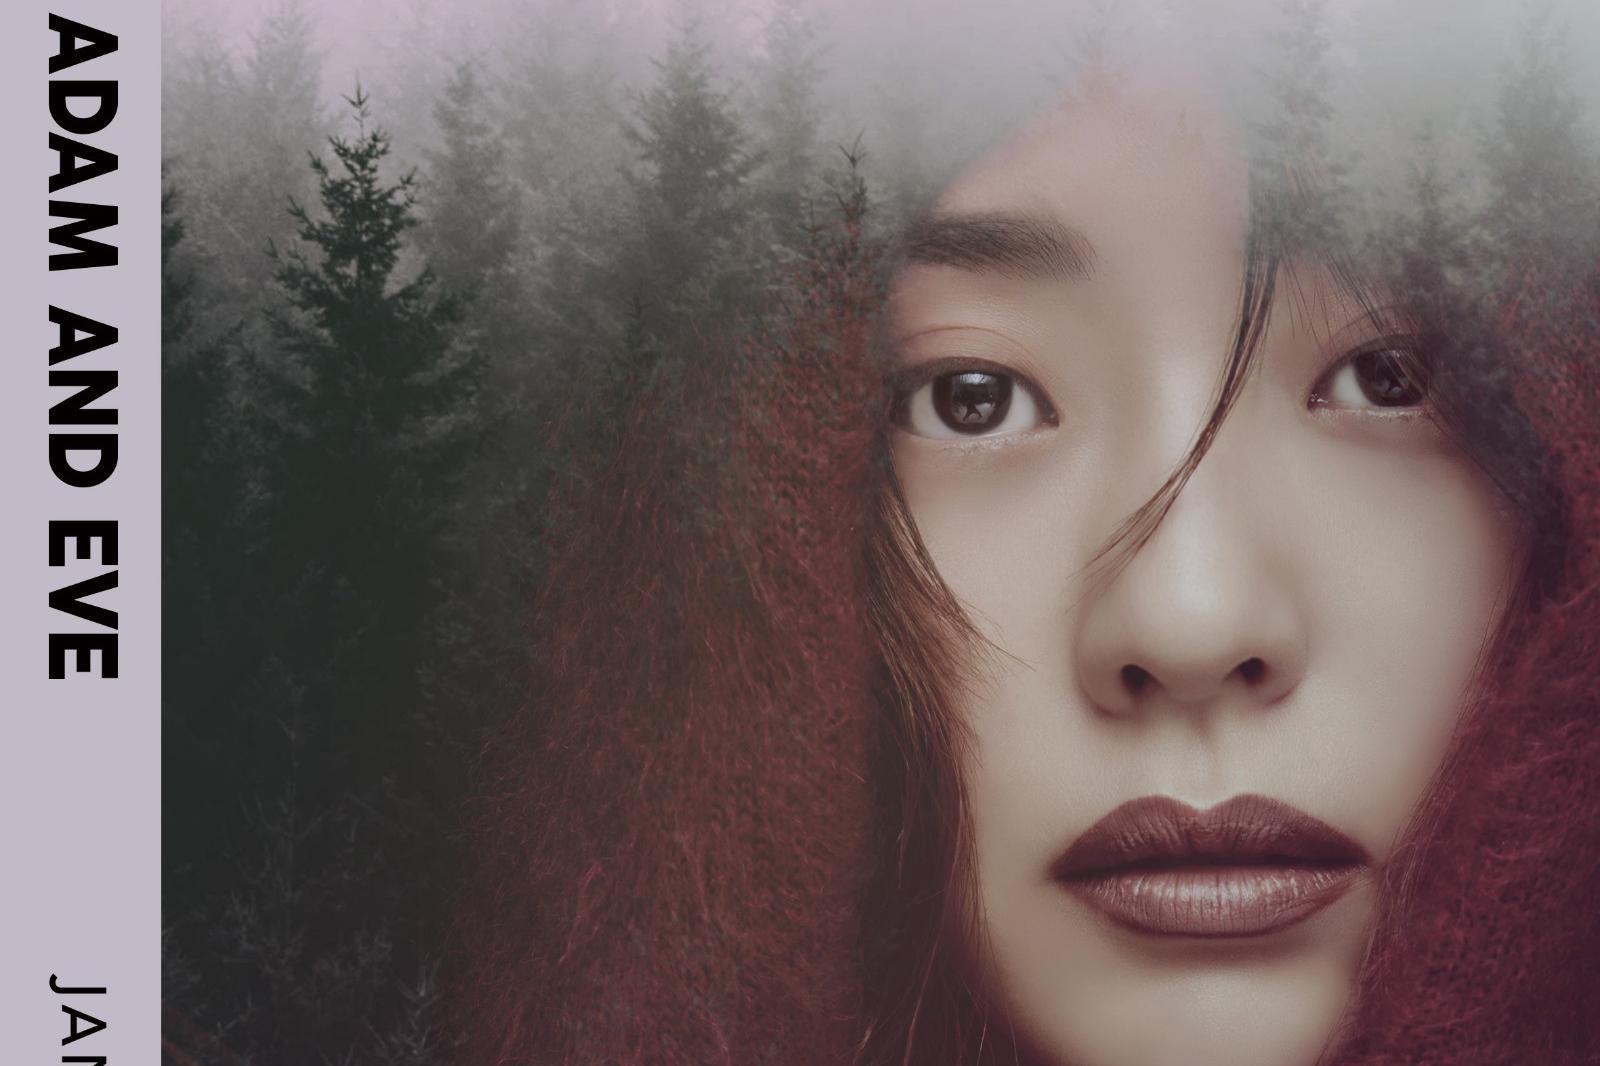 张靓颖生日发歌 全新英文单曲《Aadm and Eve》上线